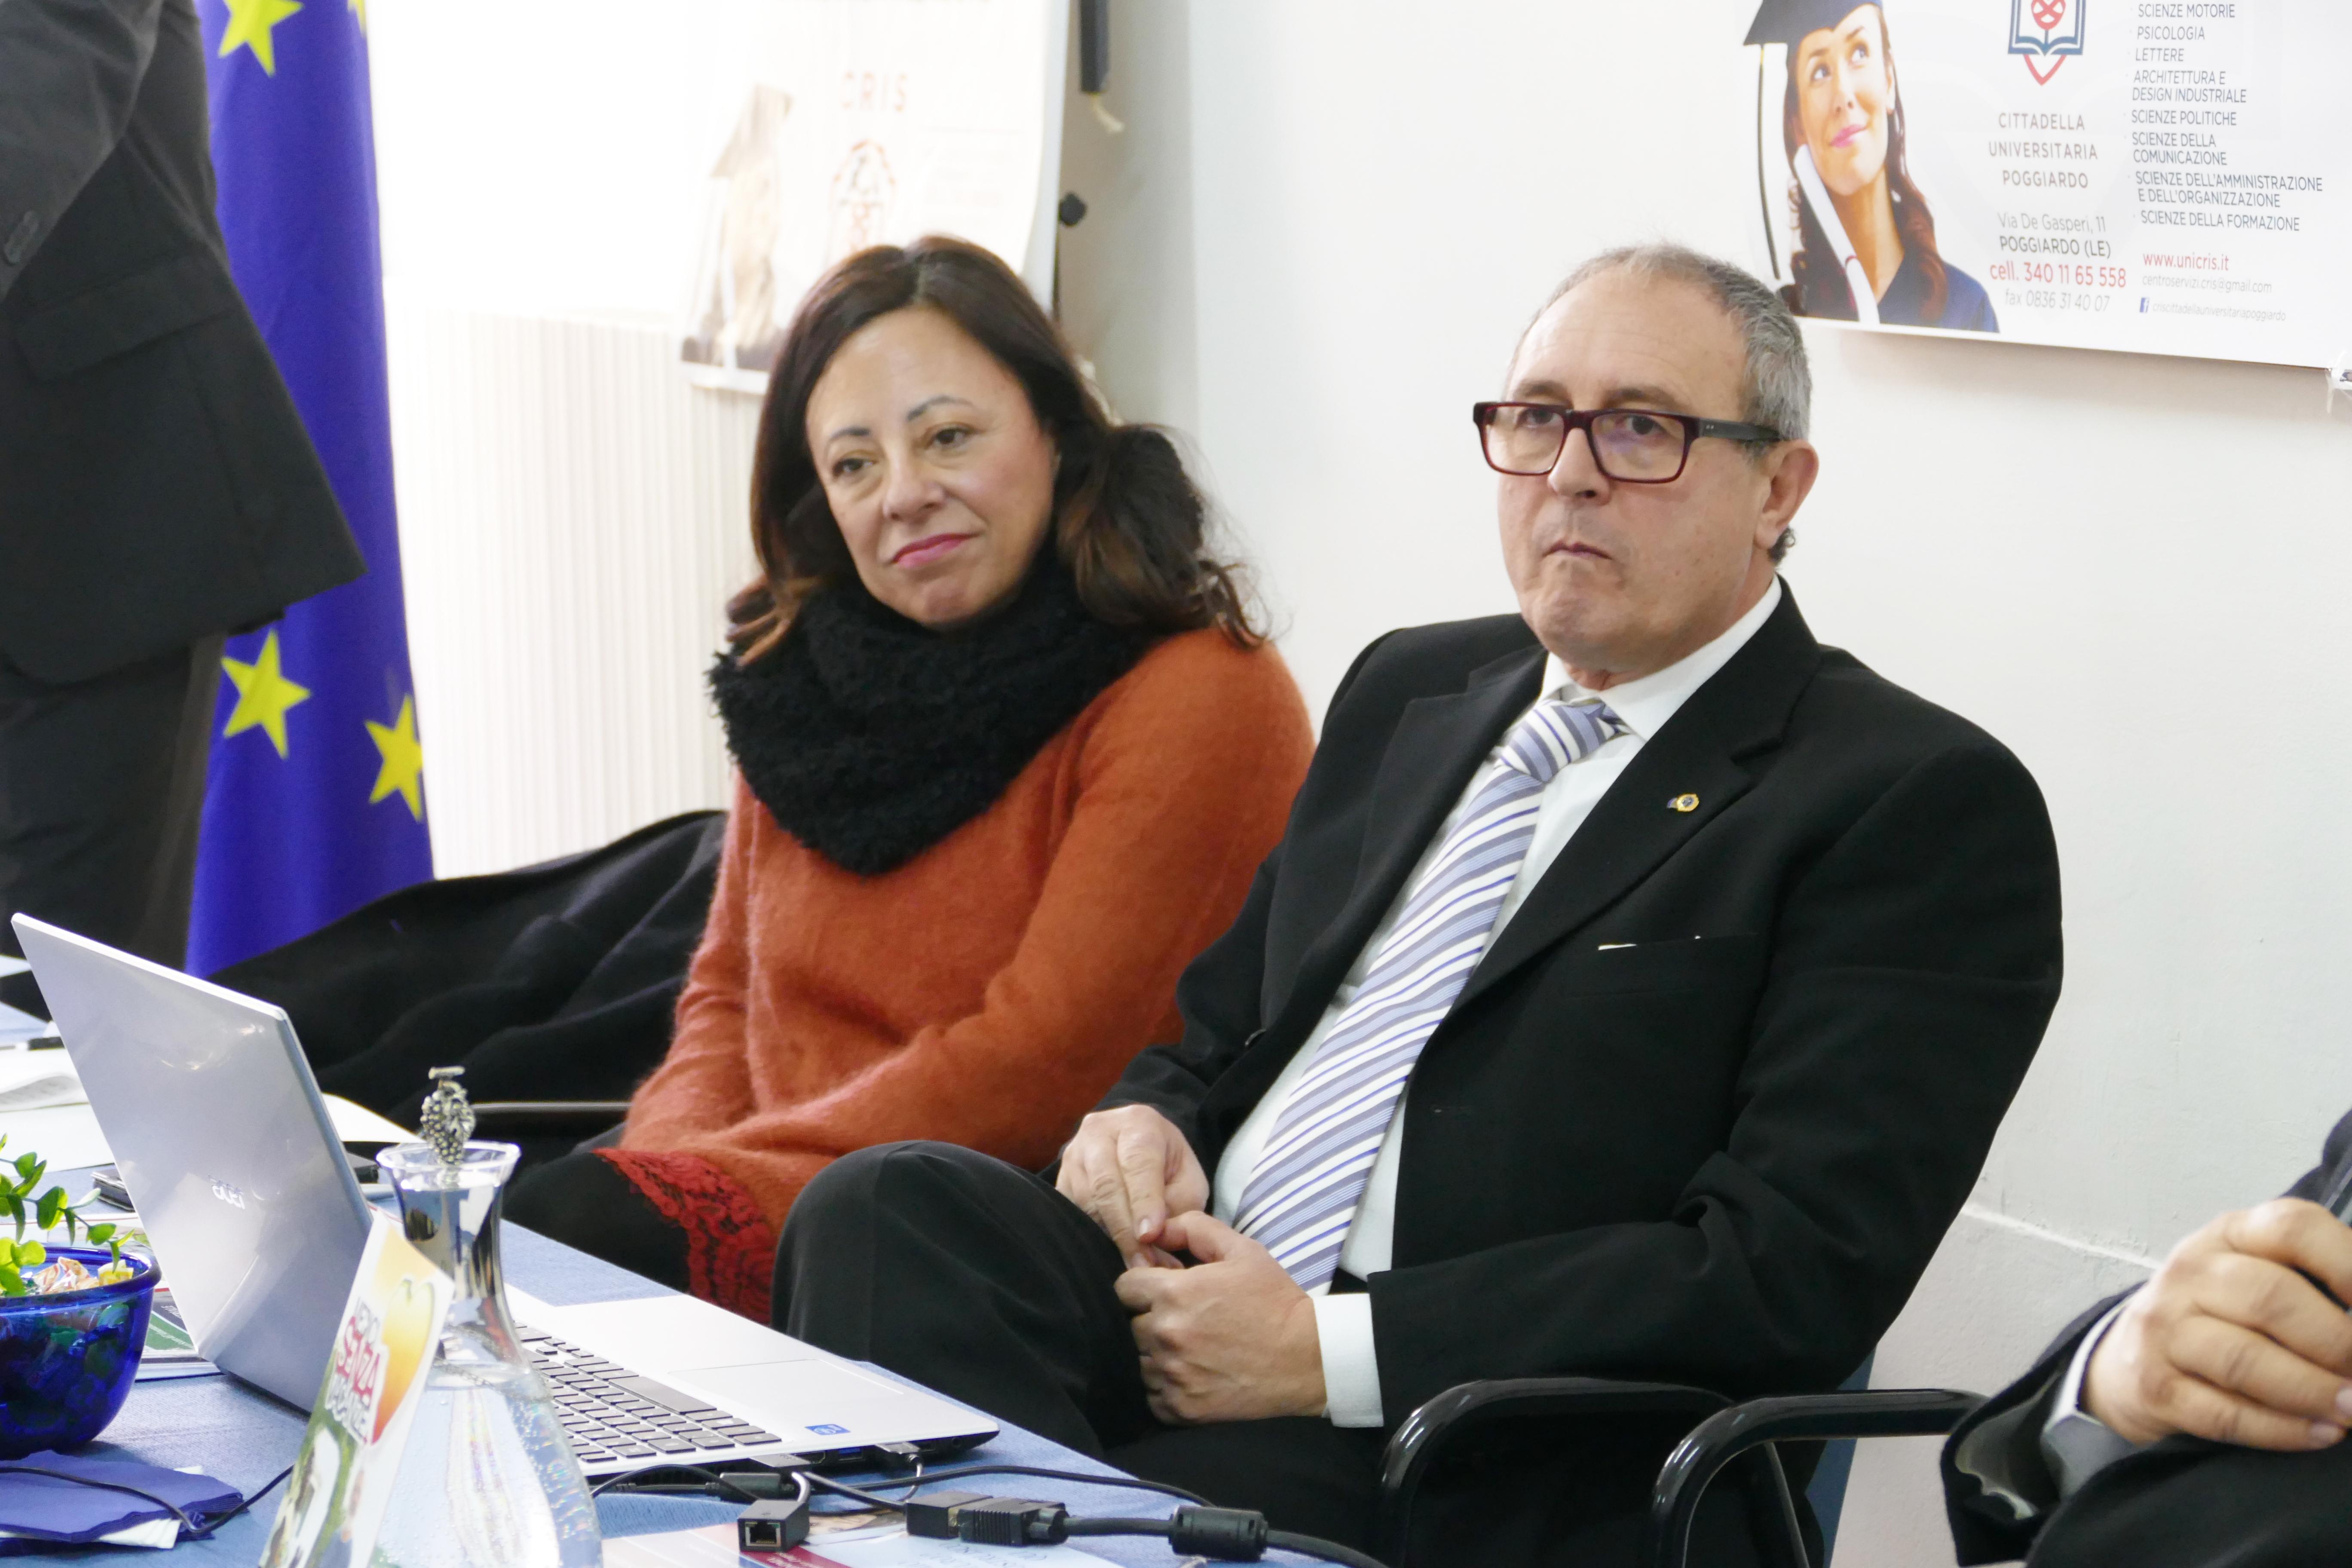 Dottoressa Antonella Elia e dottor Massimo Gravante